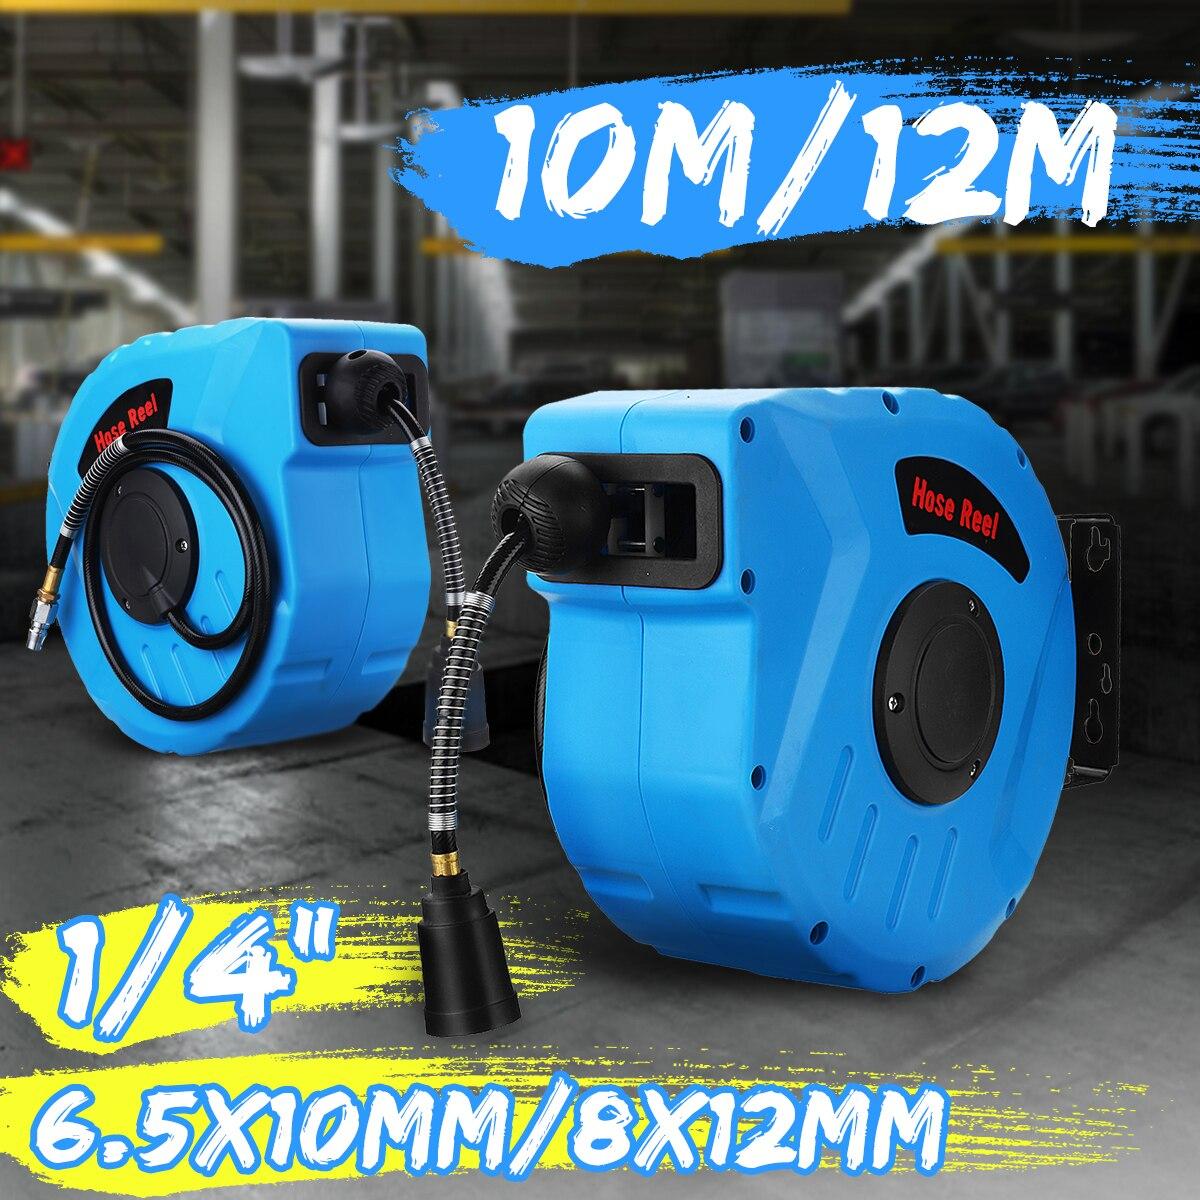 1 pièces De Voiture Rondelle enrouleur de tuyau d'air 10 M/12 M Automatique Plomberie Tuyaux enrouleur Propre universelle Poussière machine